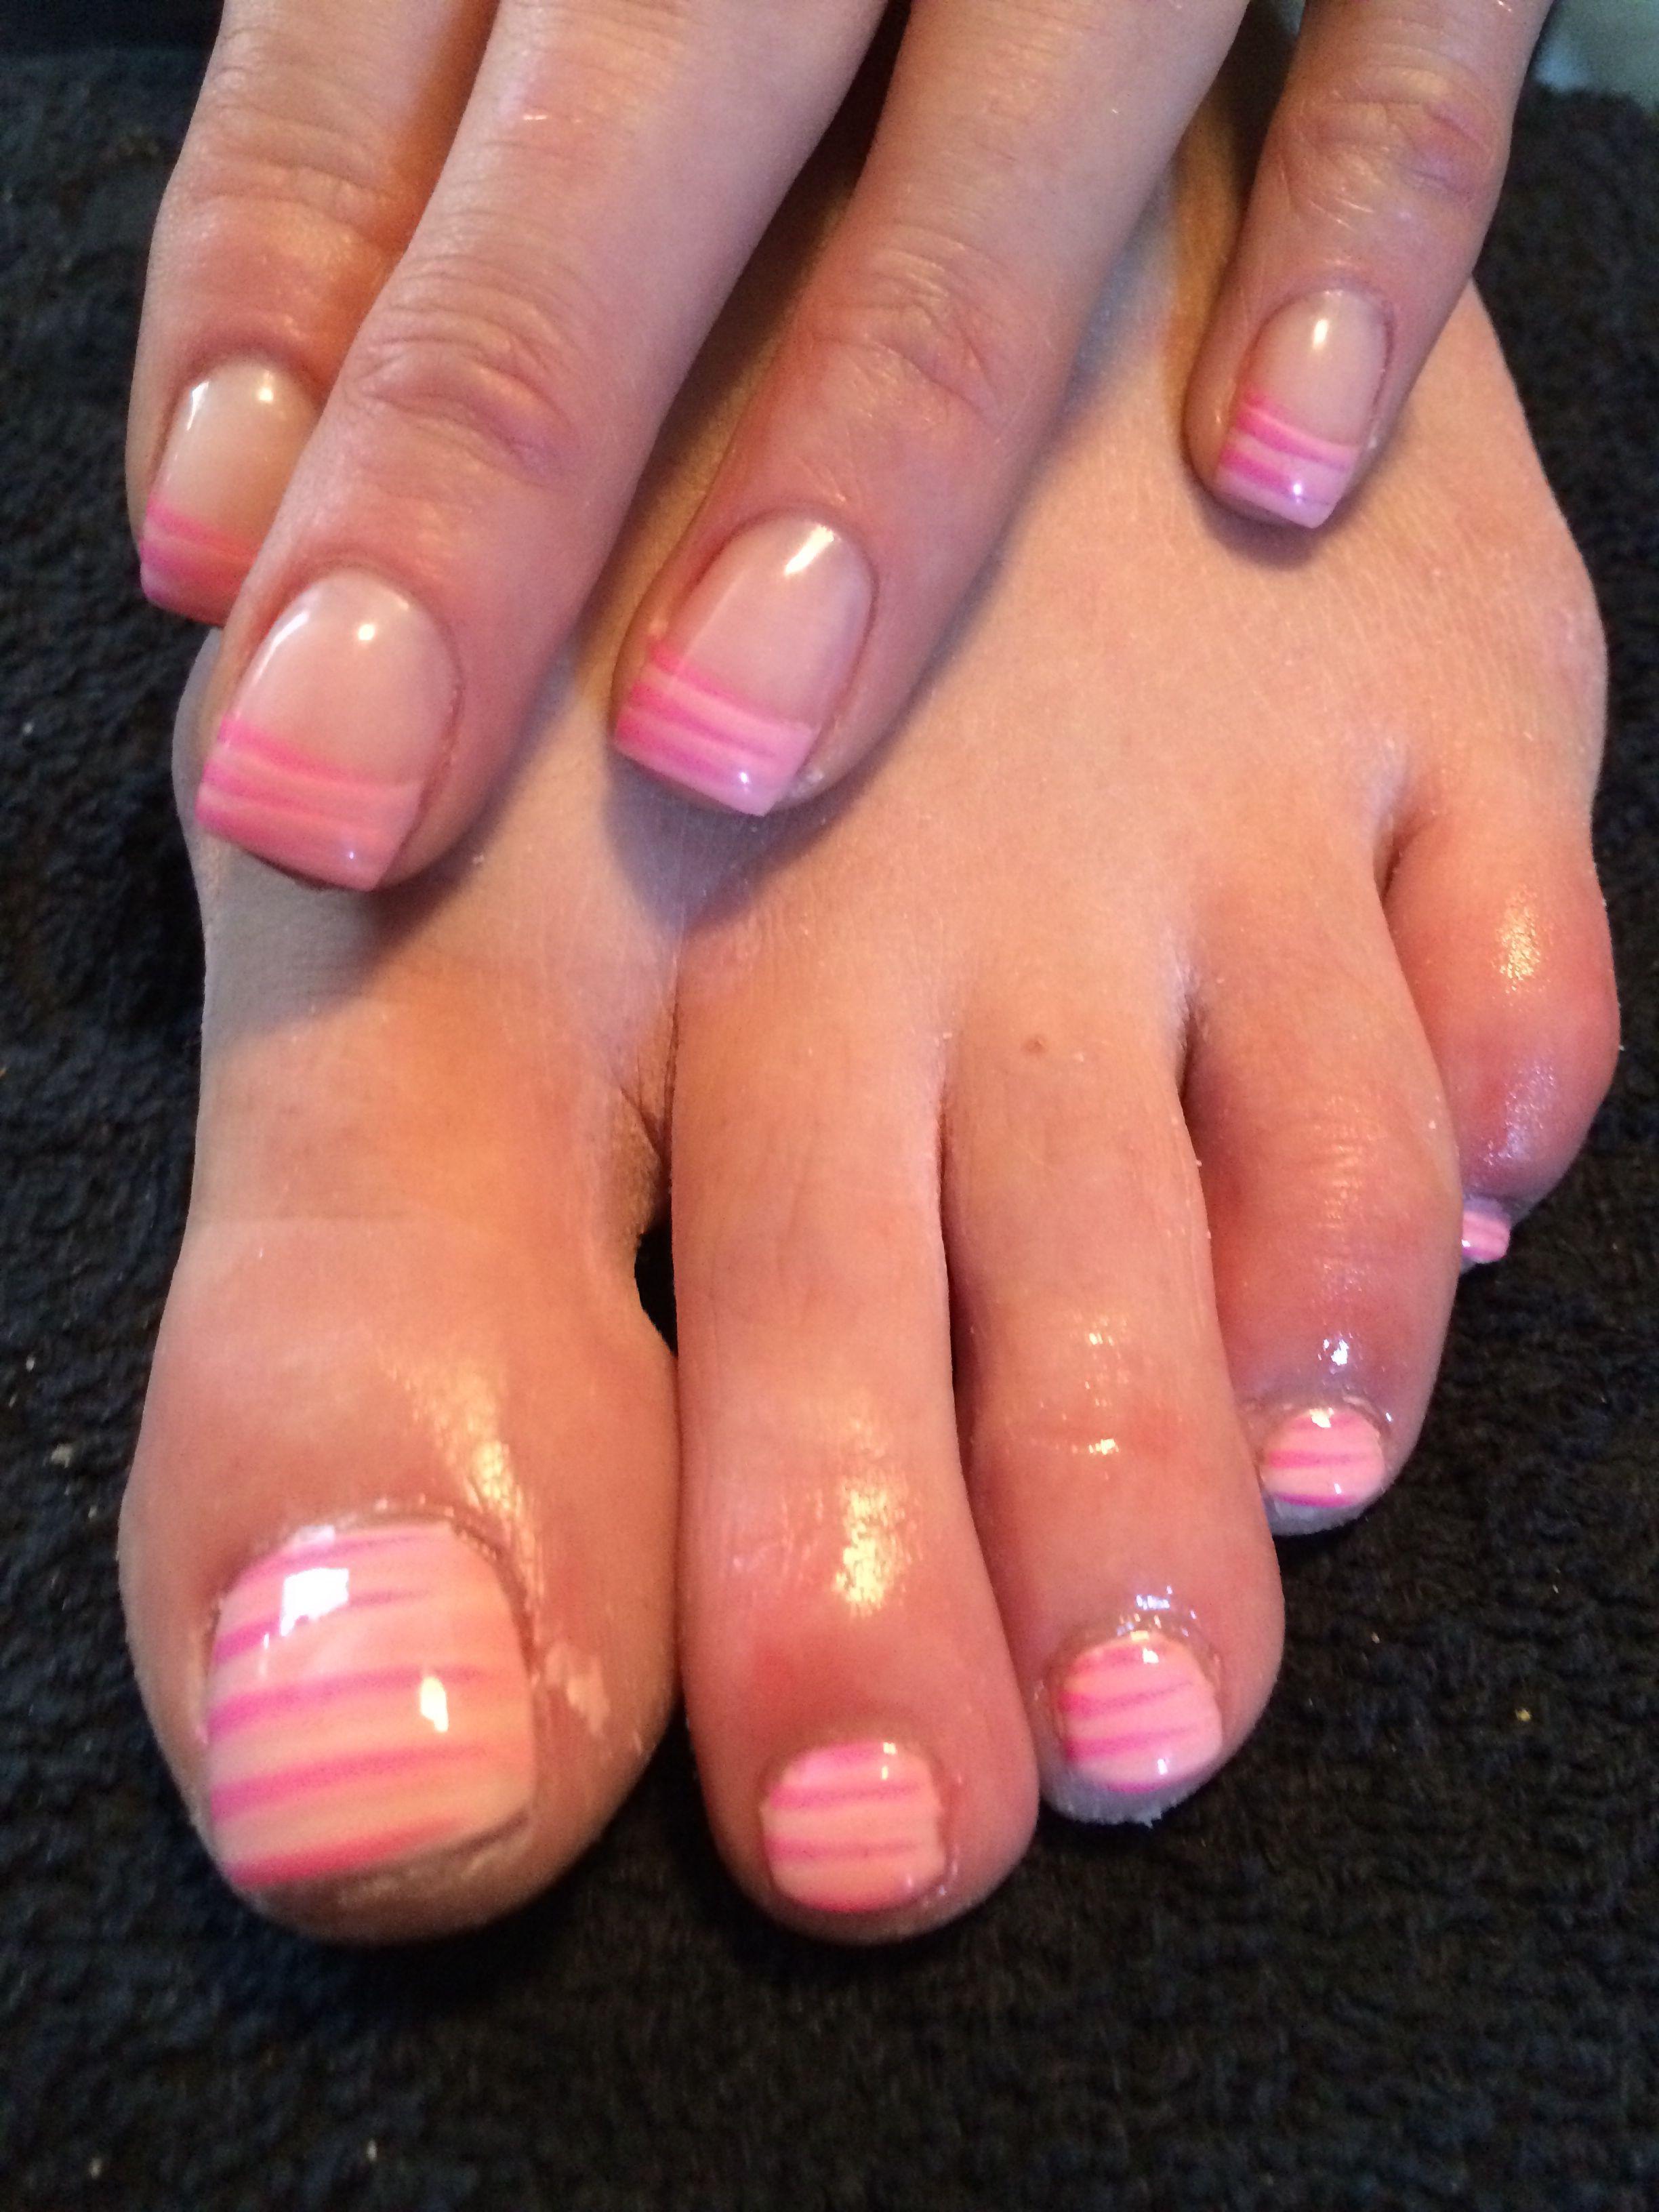 Matching pink nails and toes :) | Nails | Pinterest | Pink nails ...